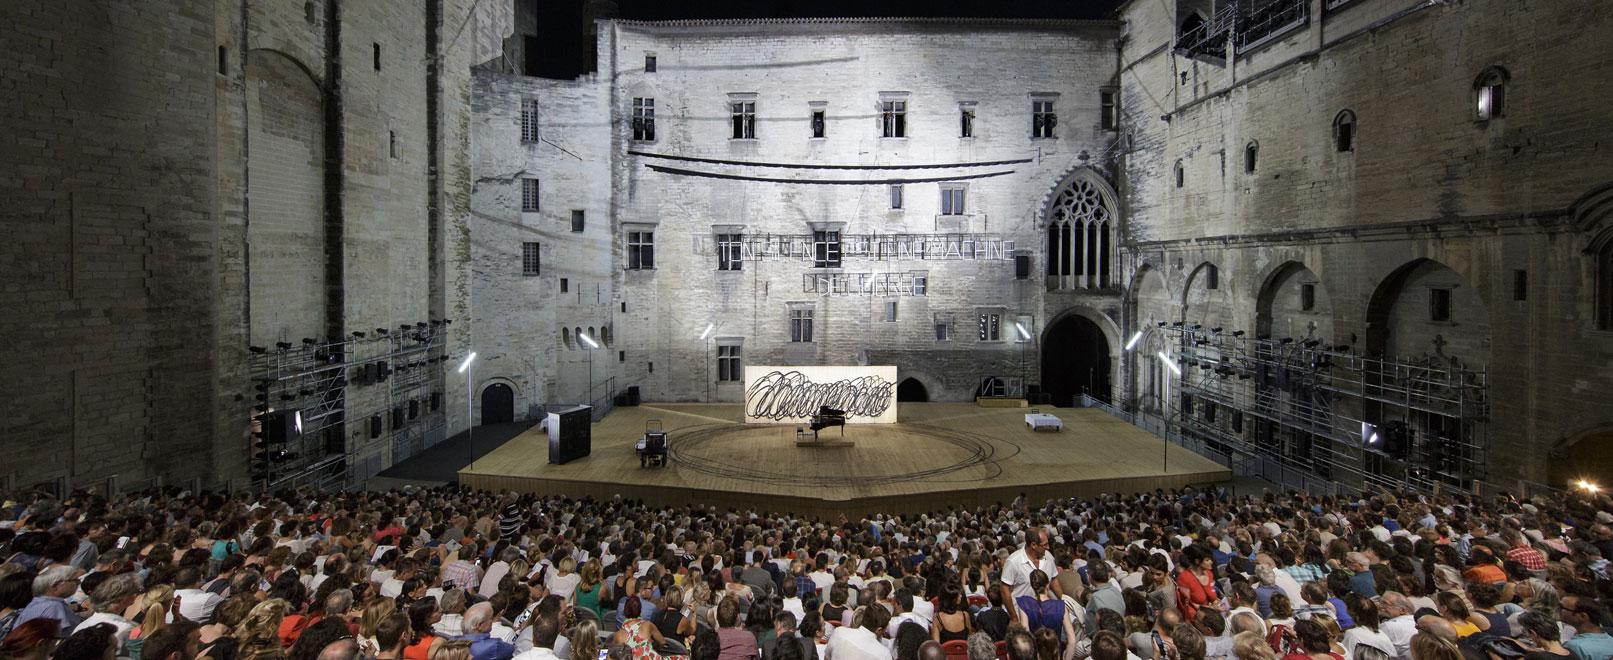 Das Festival von Avignon © Raynaud-de-Lage-Rayneud-de-Lage